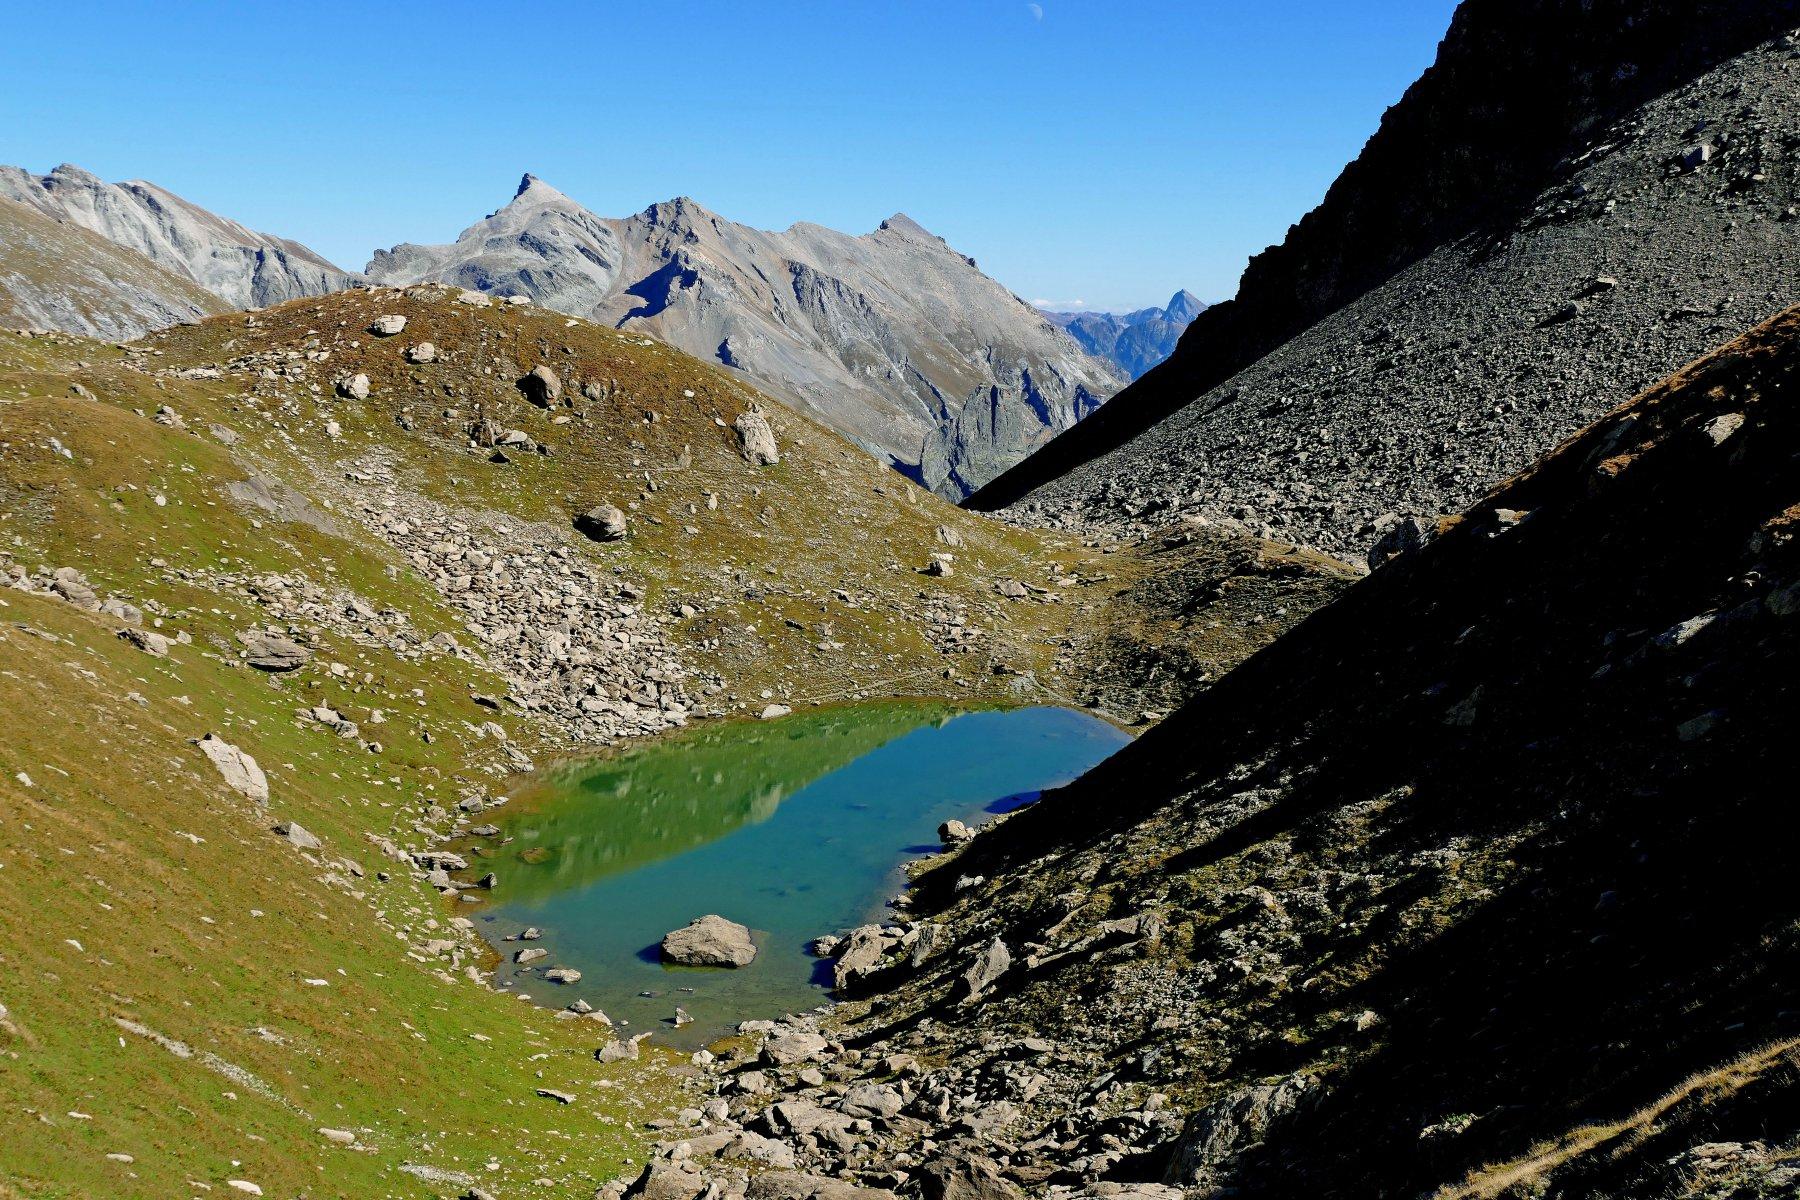 Primo lago dell'Infernetto (21-09-15)